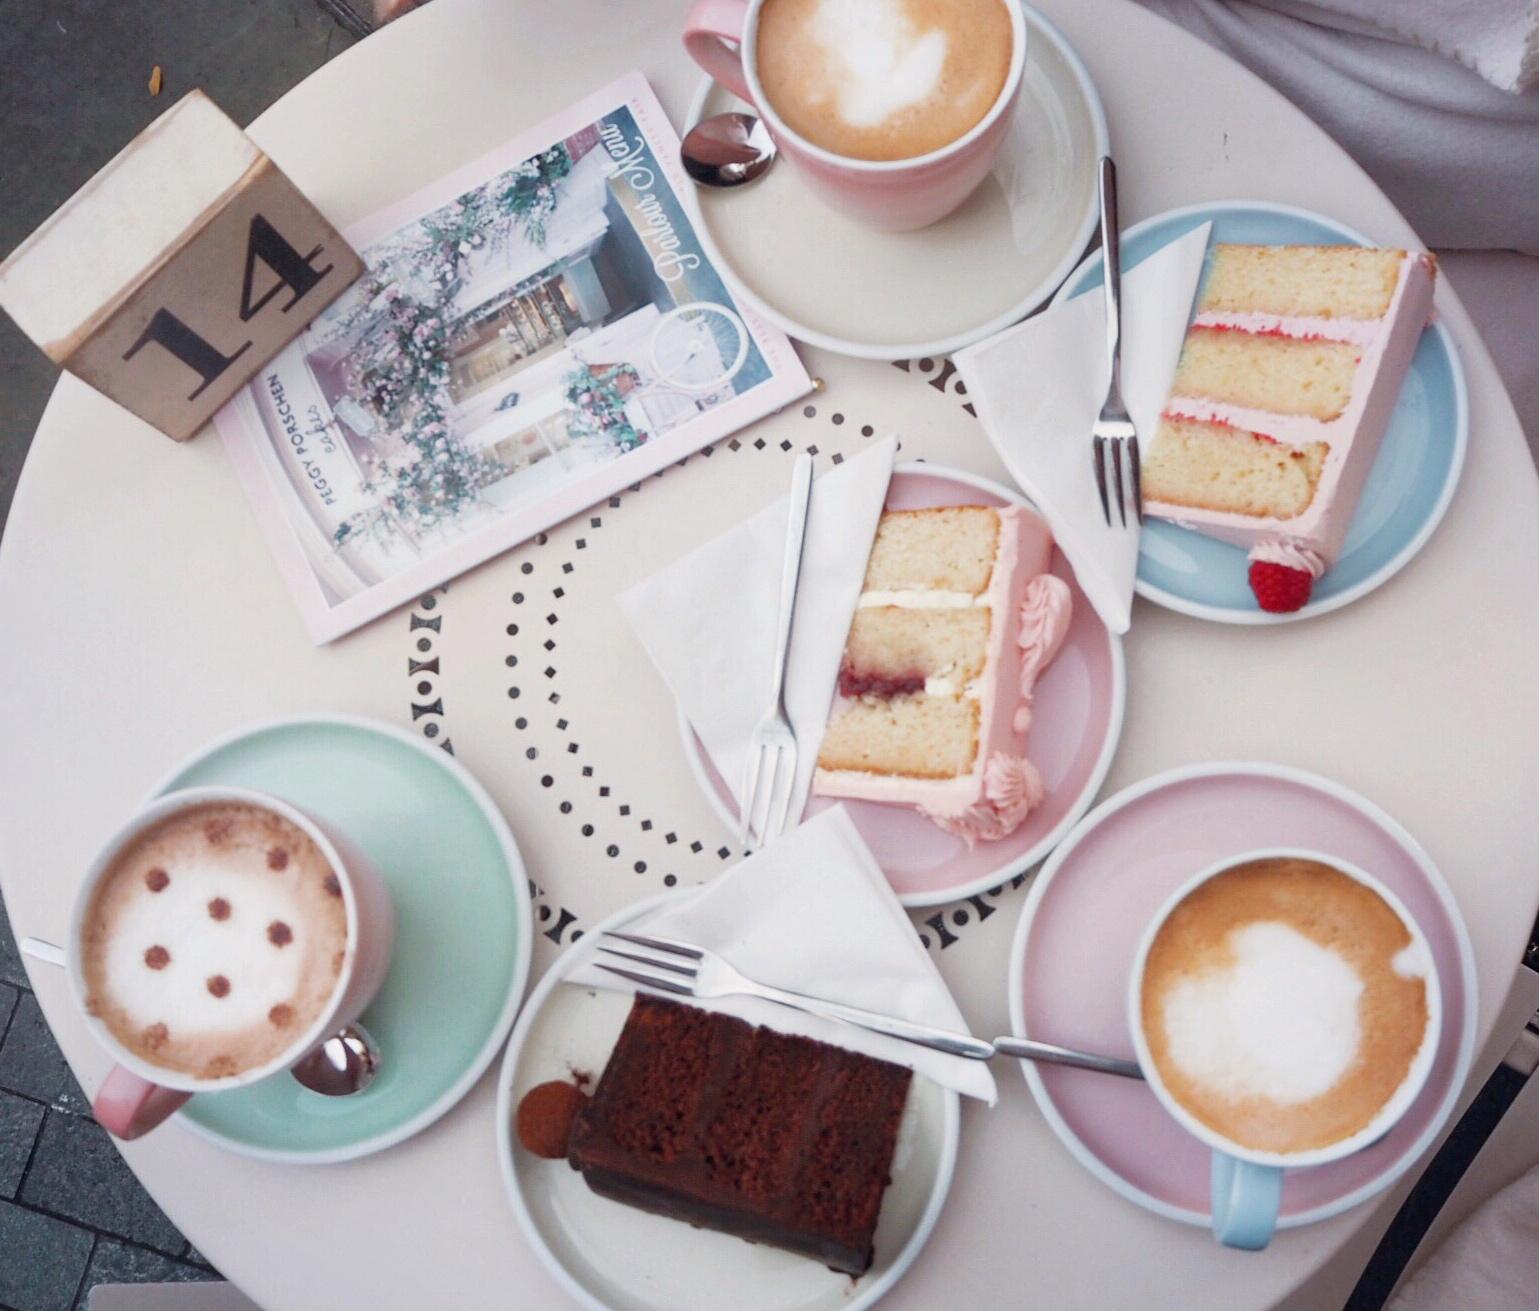 Peggy Porschen cakes